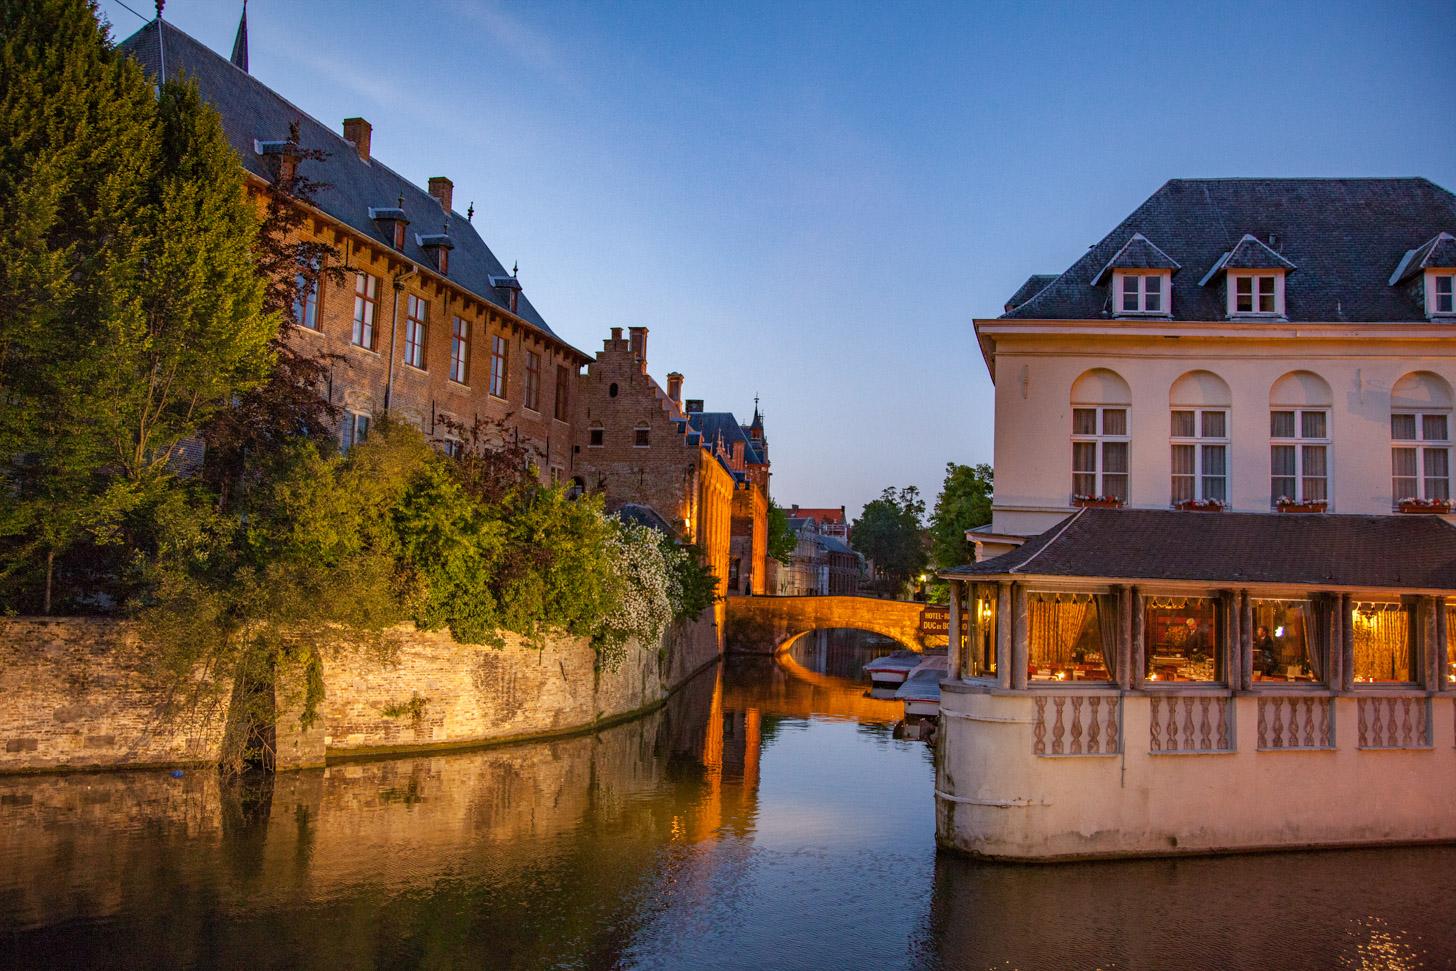 brug in Brugge